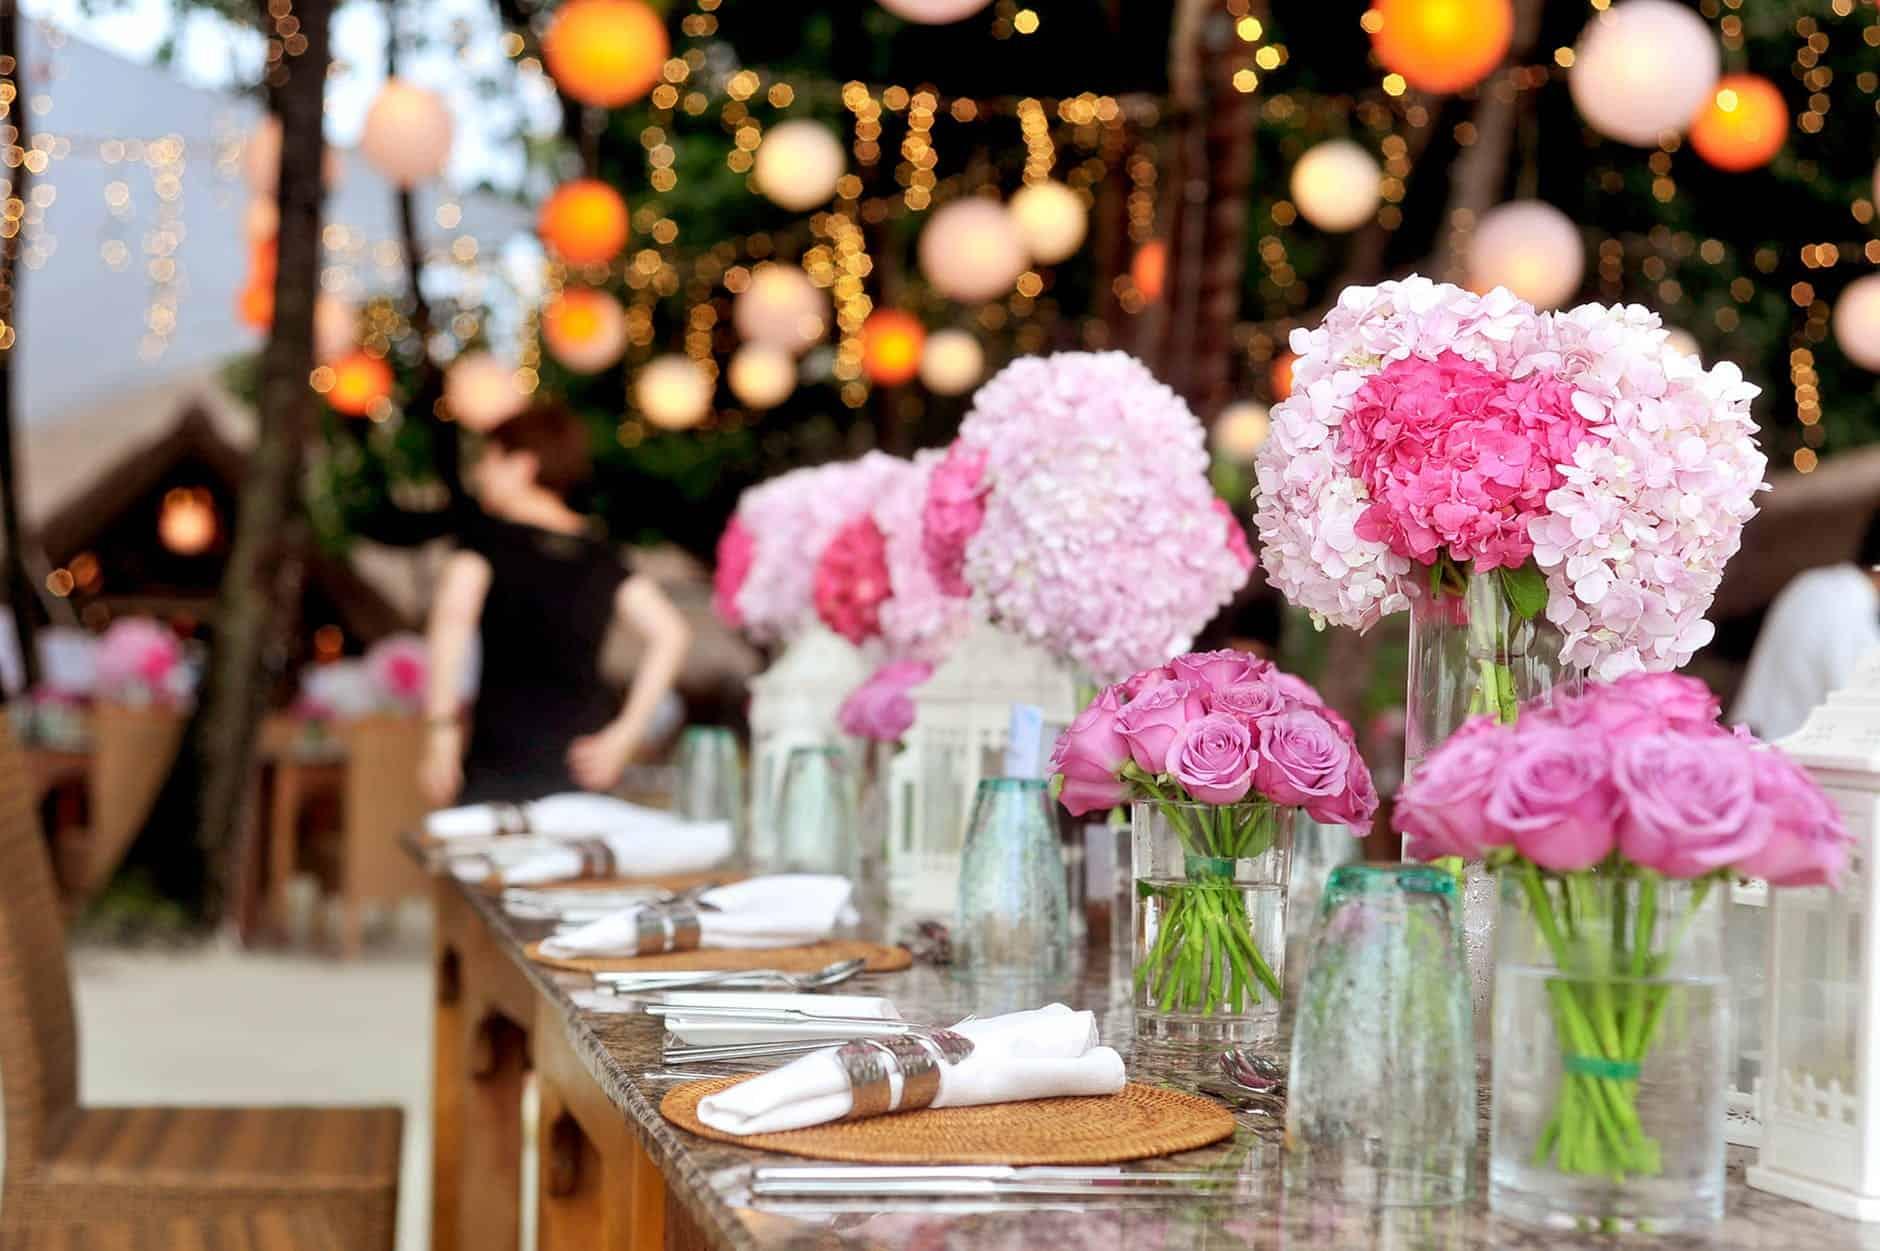 Viele Blumen haben eine bestimmte Bedeutung